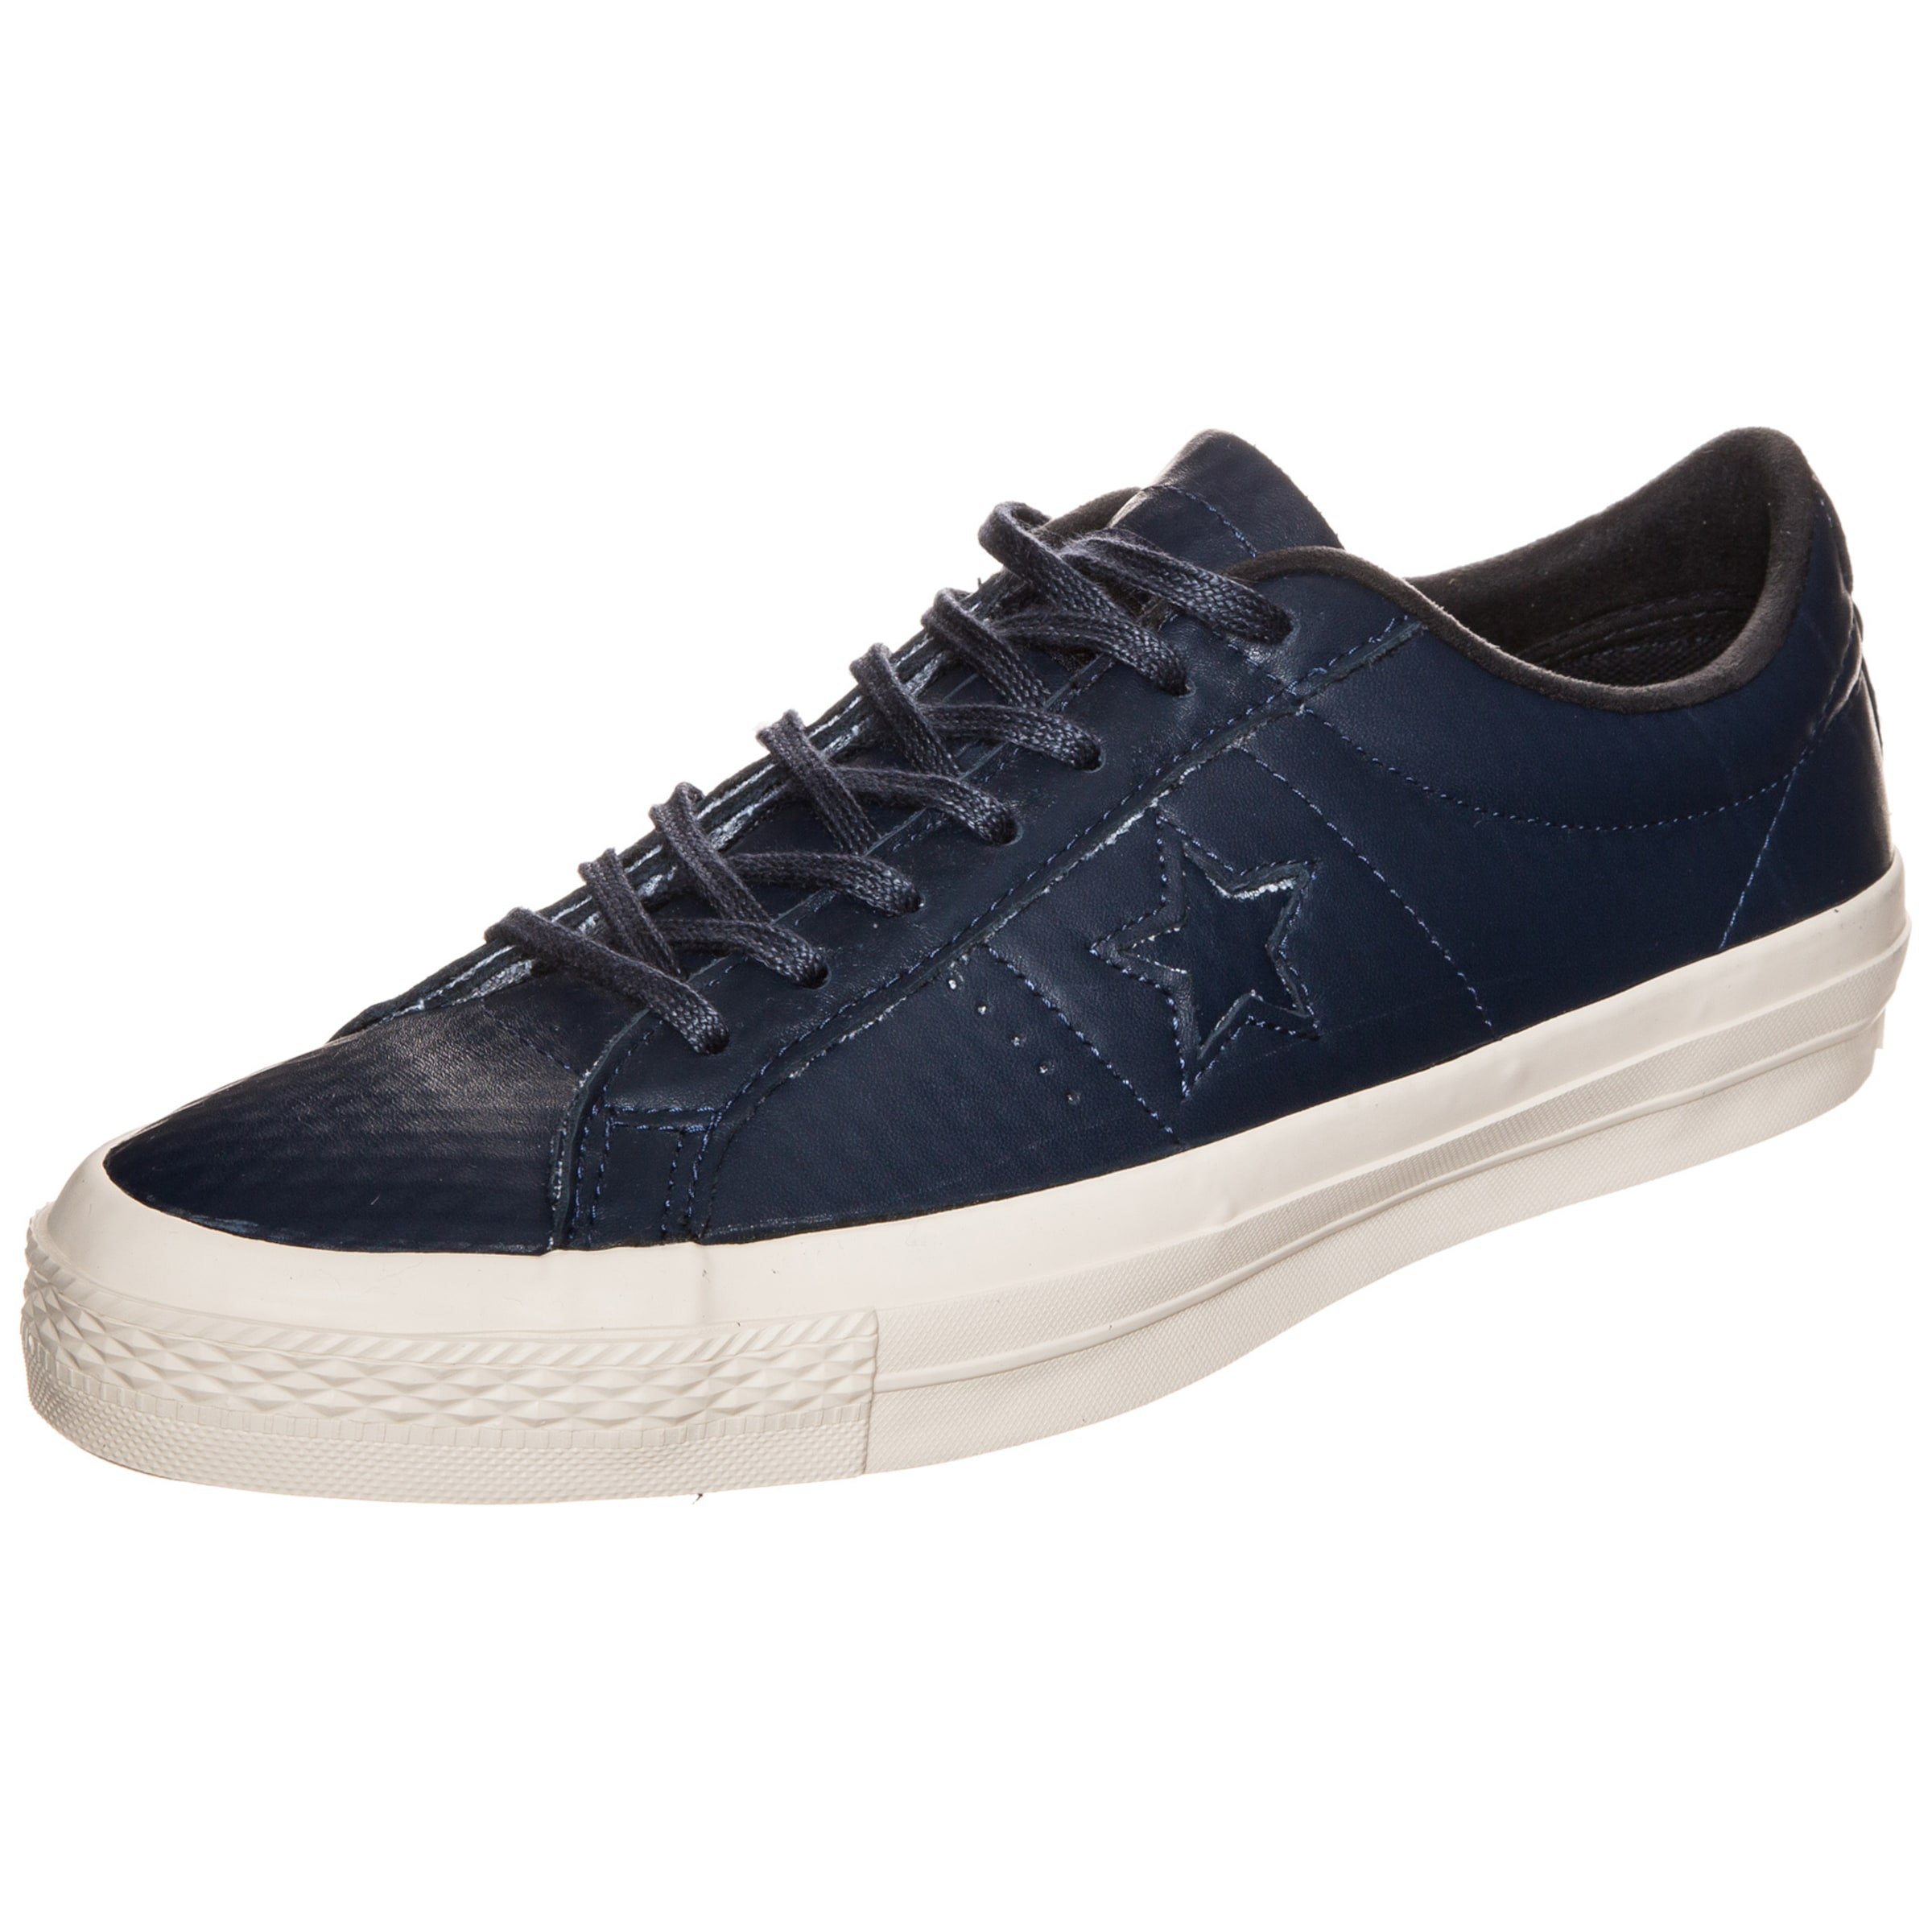 CONVERSE Cons One Star Leather OX Sneaker Billig Viele Arten Von Billig Verkauf Besuch Neu Günstig Kaufen Veröffentlichungstermine Billig Verkauf Bestseller Laden Verkauf LWay3D